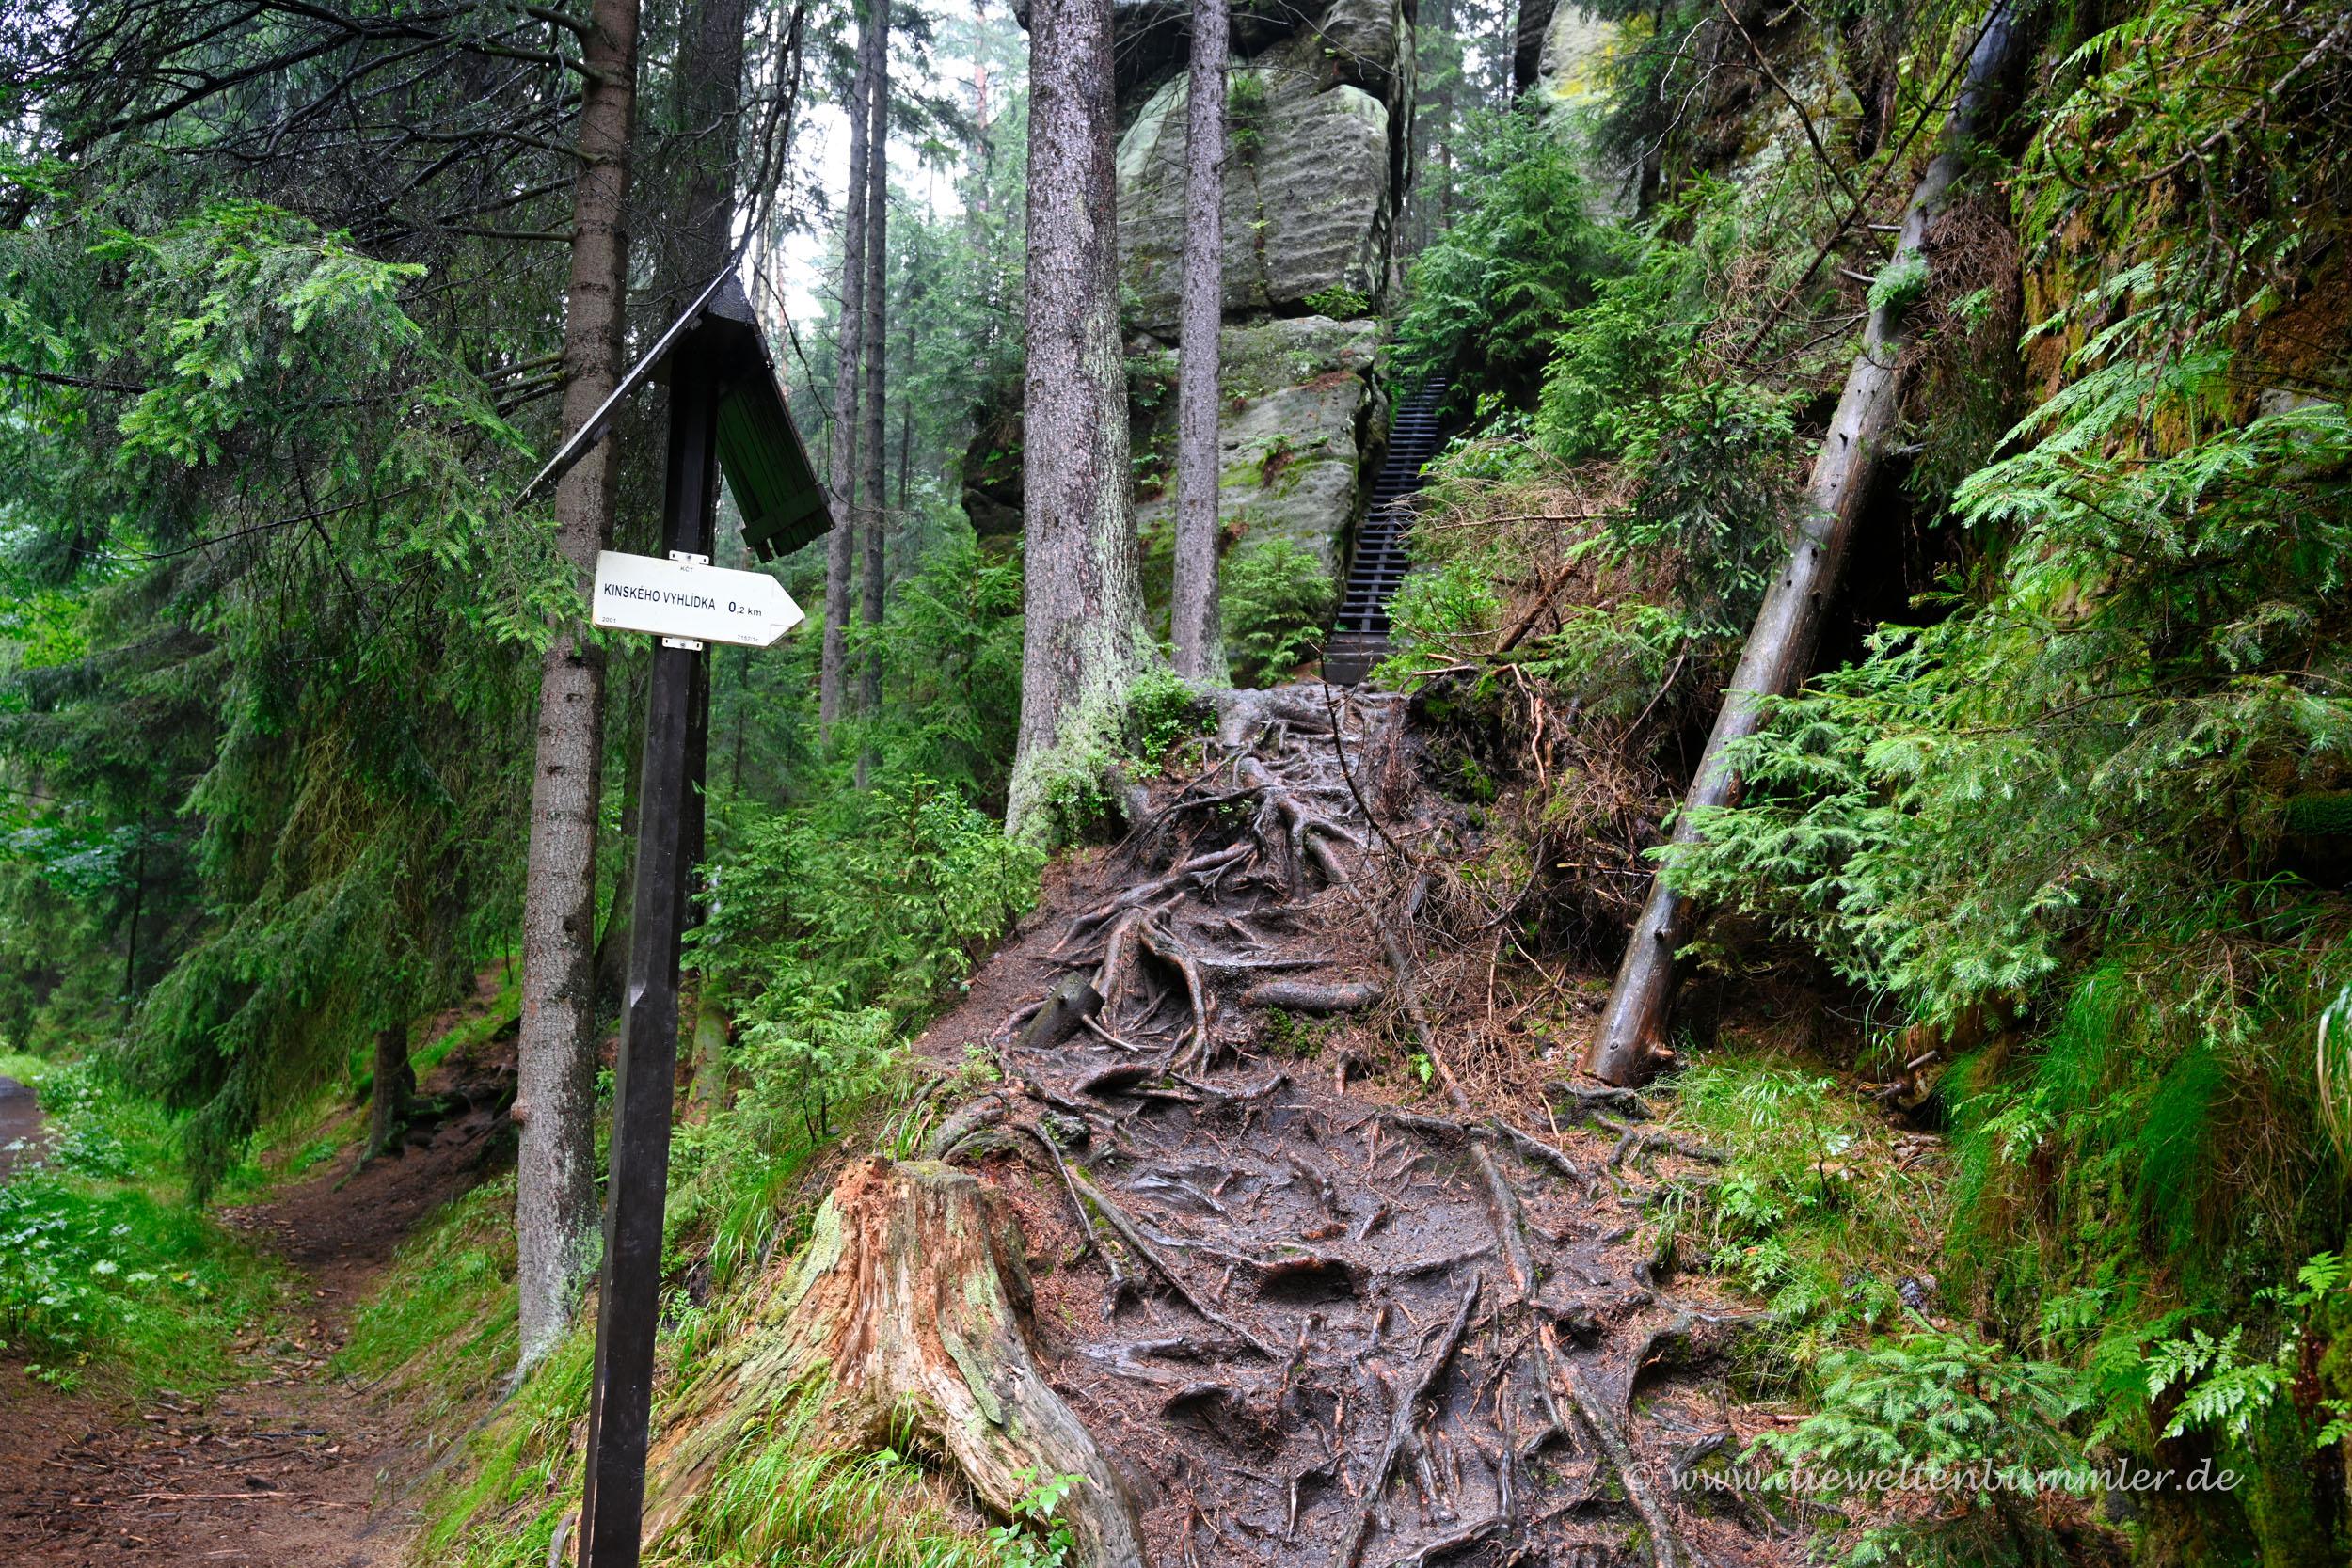 Wanderweg in Tschechien